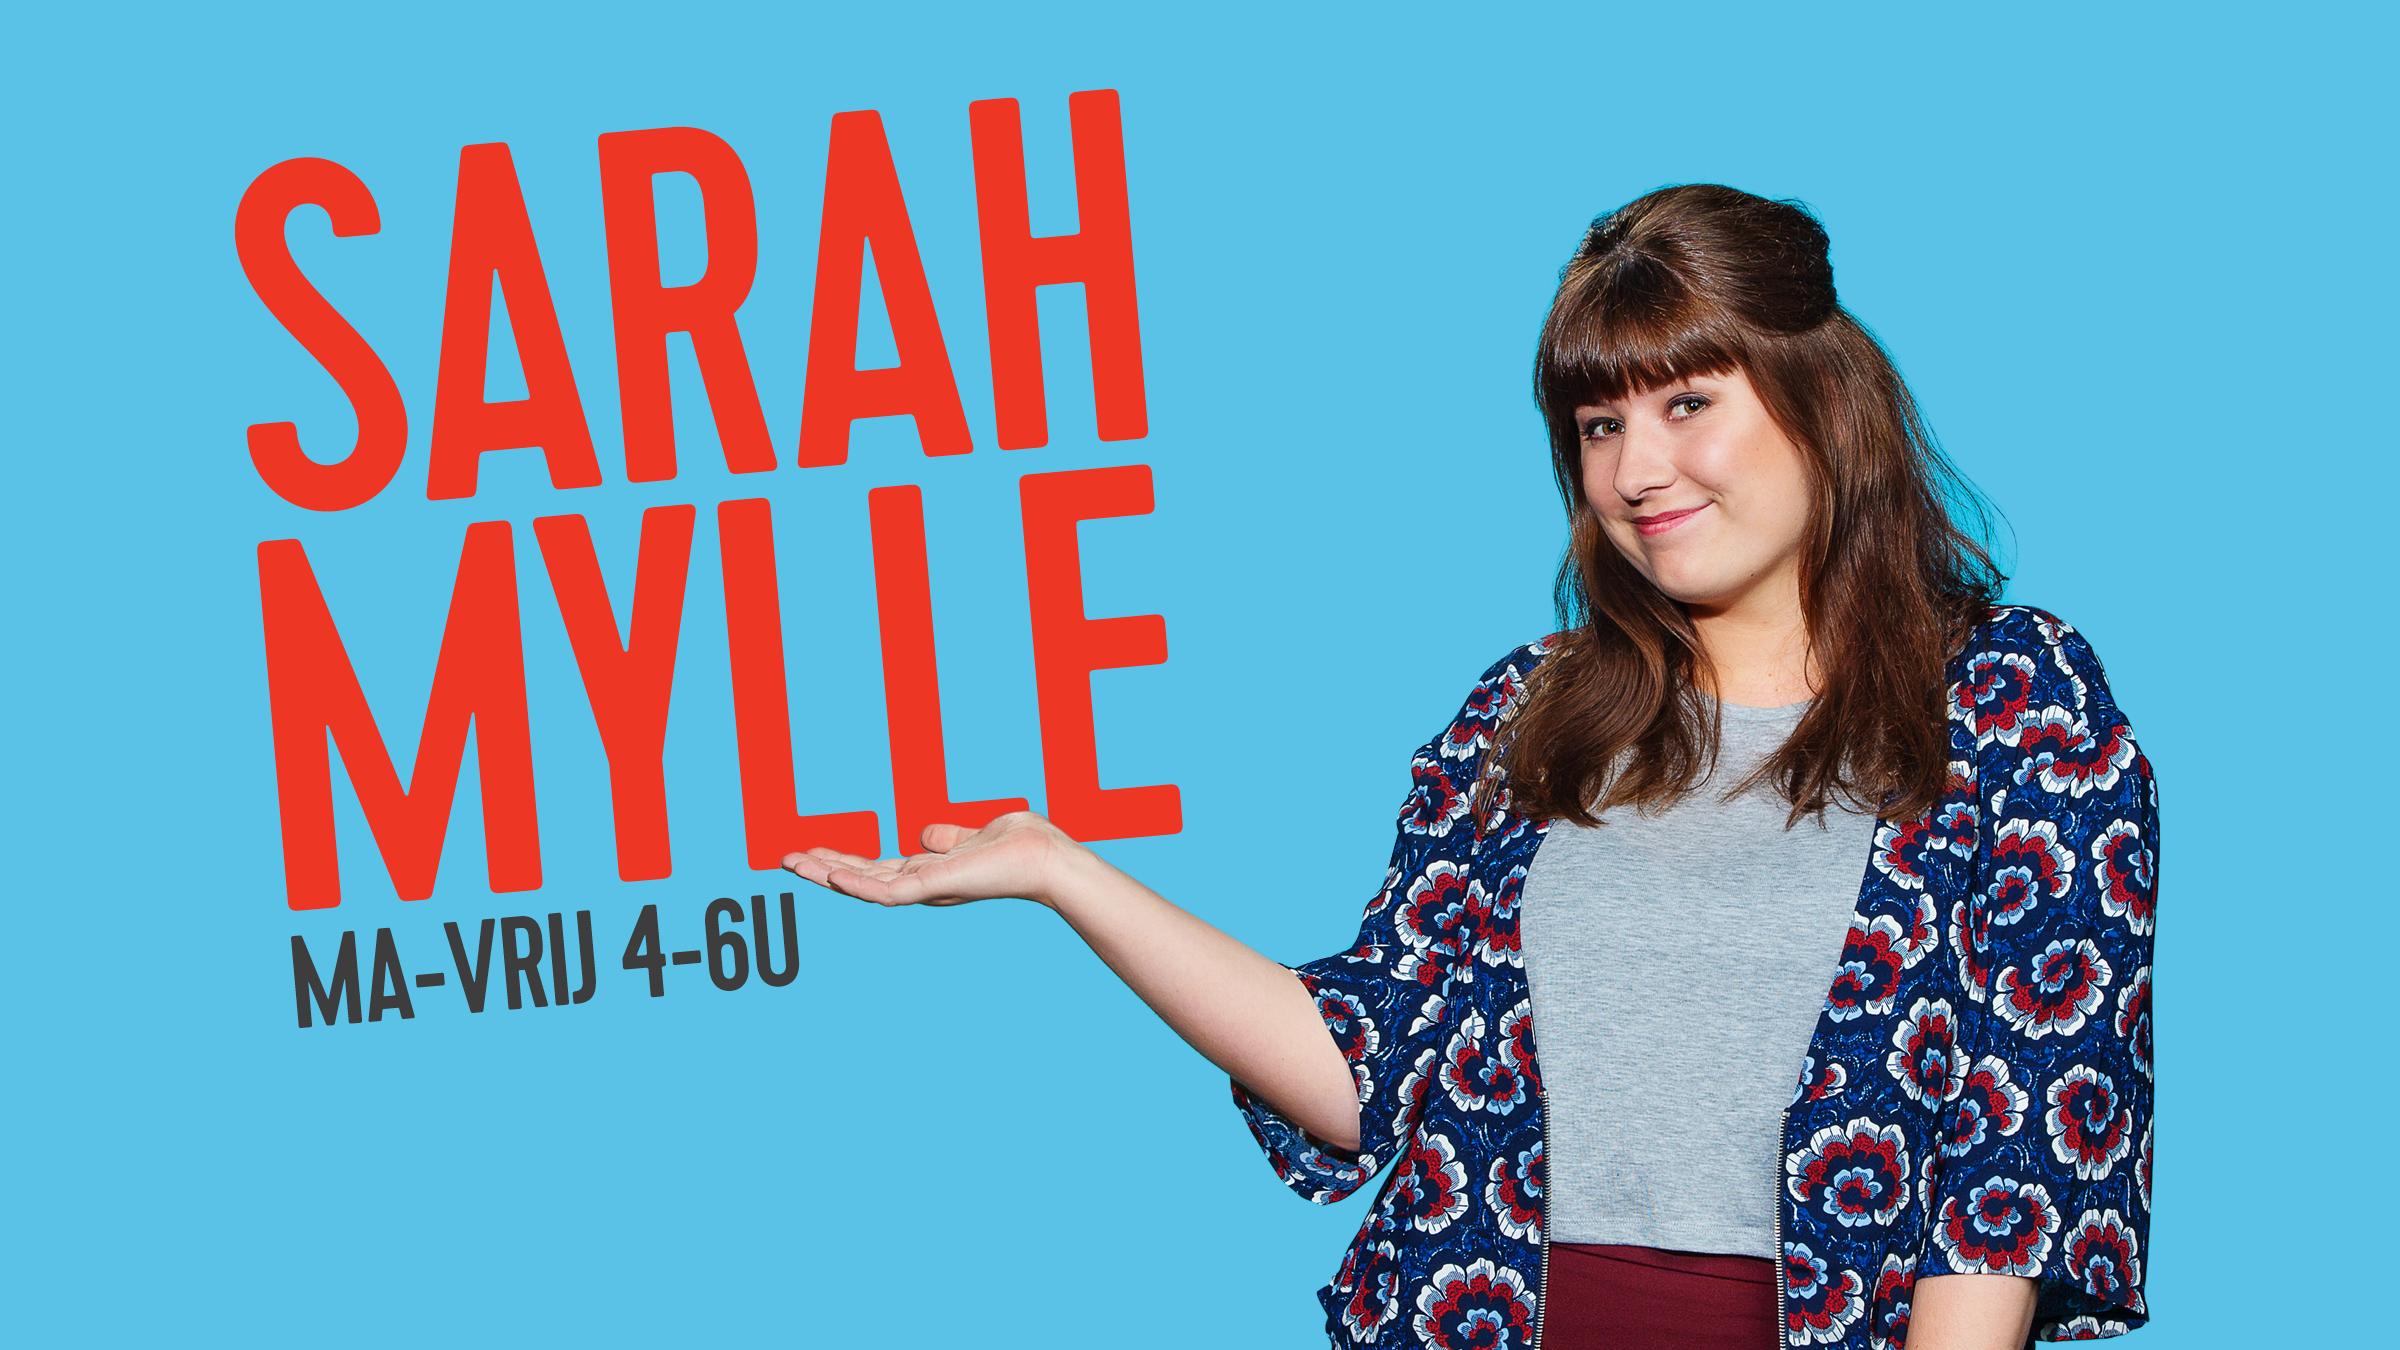 Sarahmylle 2400x1350